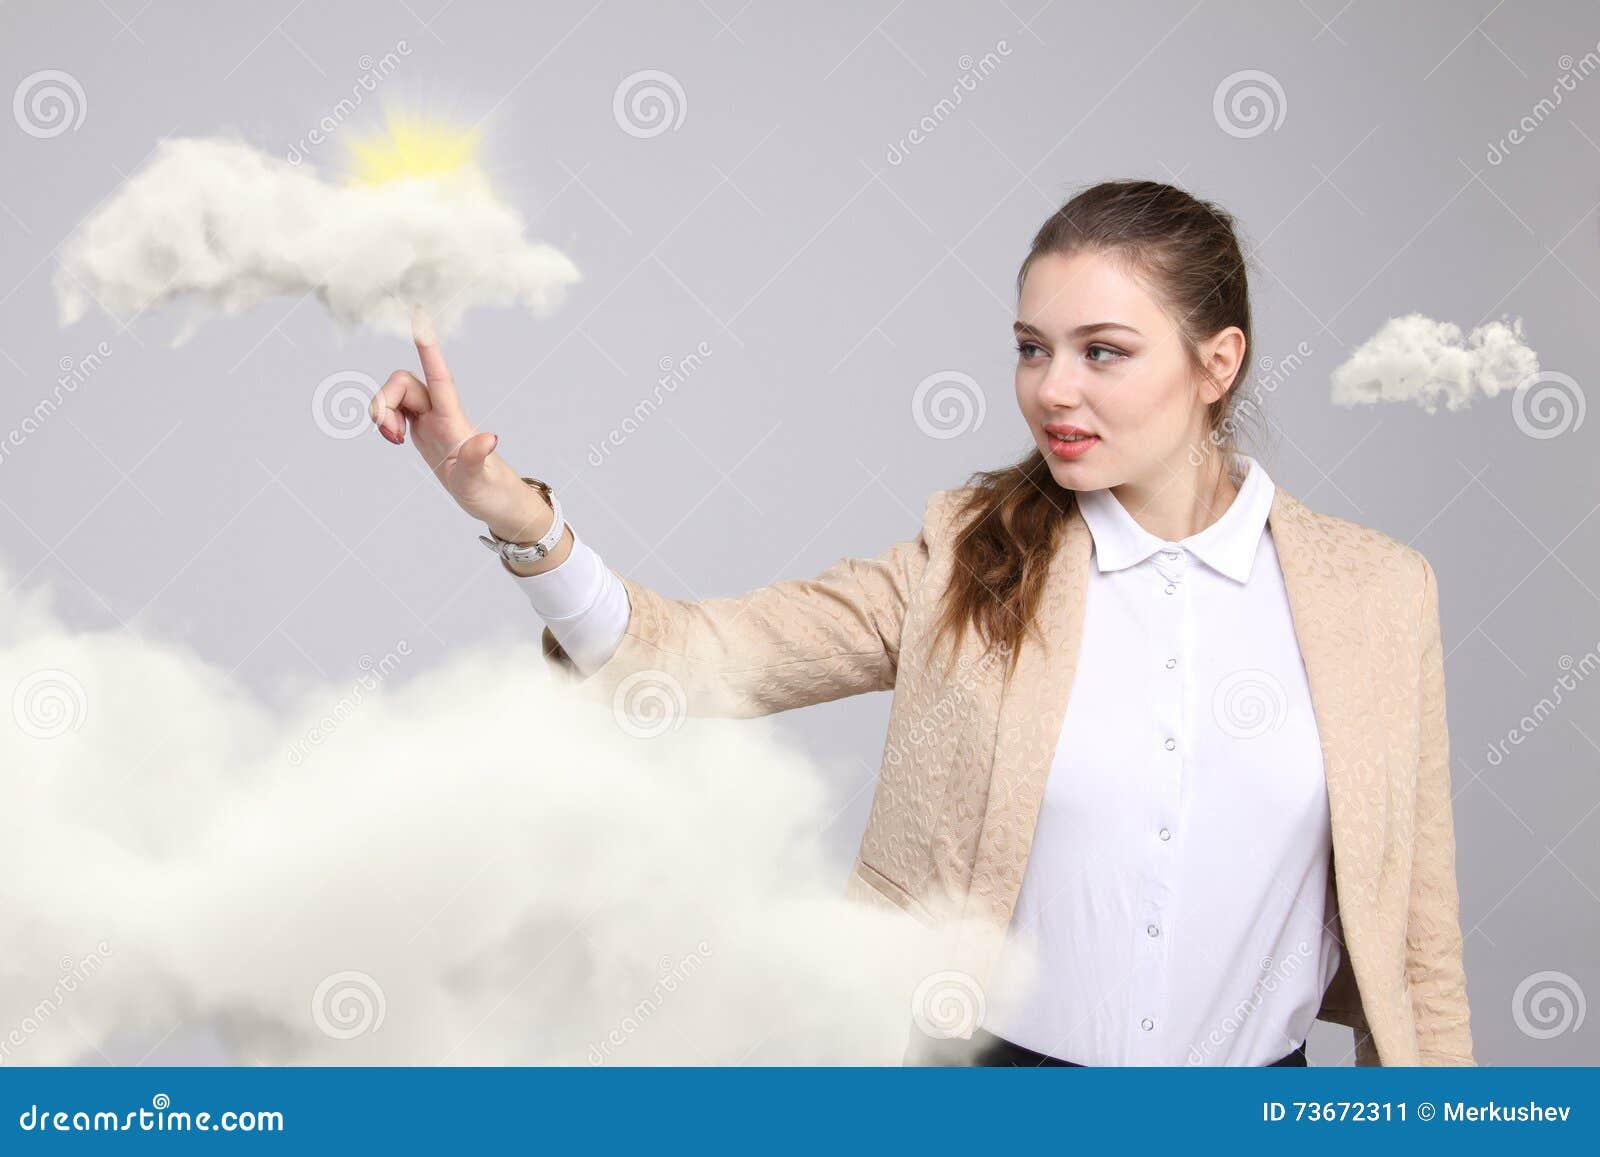 Junge Frau und Sonne, die heraus von hinten die Wolken, die Wolkendatenverarbeitung oder das Wetterkonzept scheint